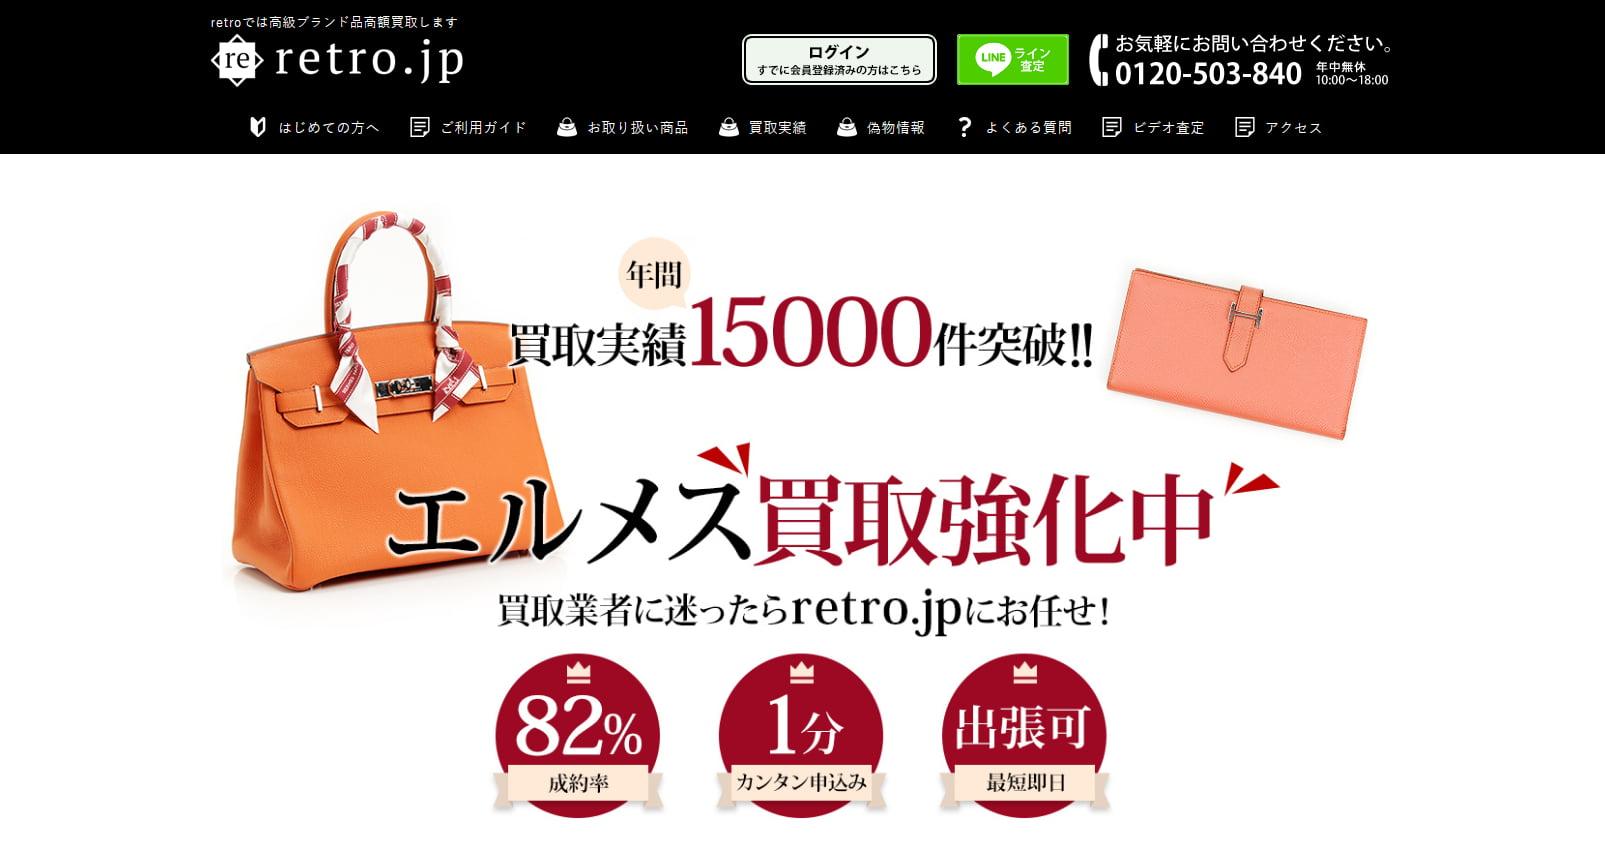 エルメス買取おすすめ店retro.jp